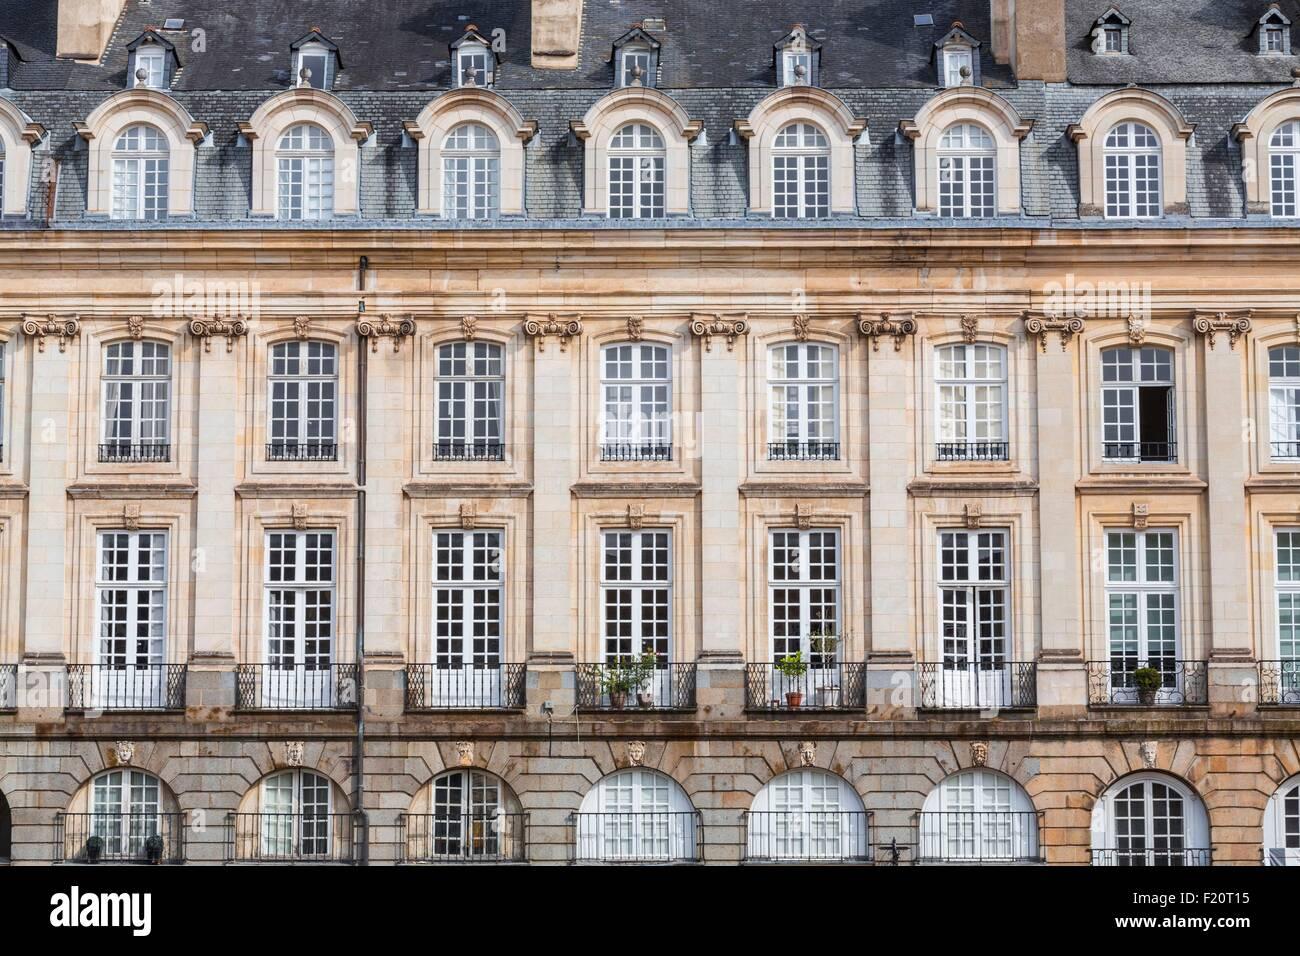 France, Ille et Vilaine, Rennes, Parliament Square, 18th century building - Stock Image